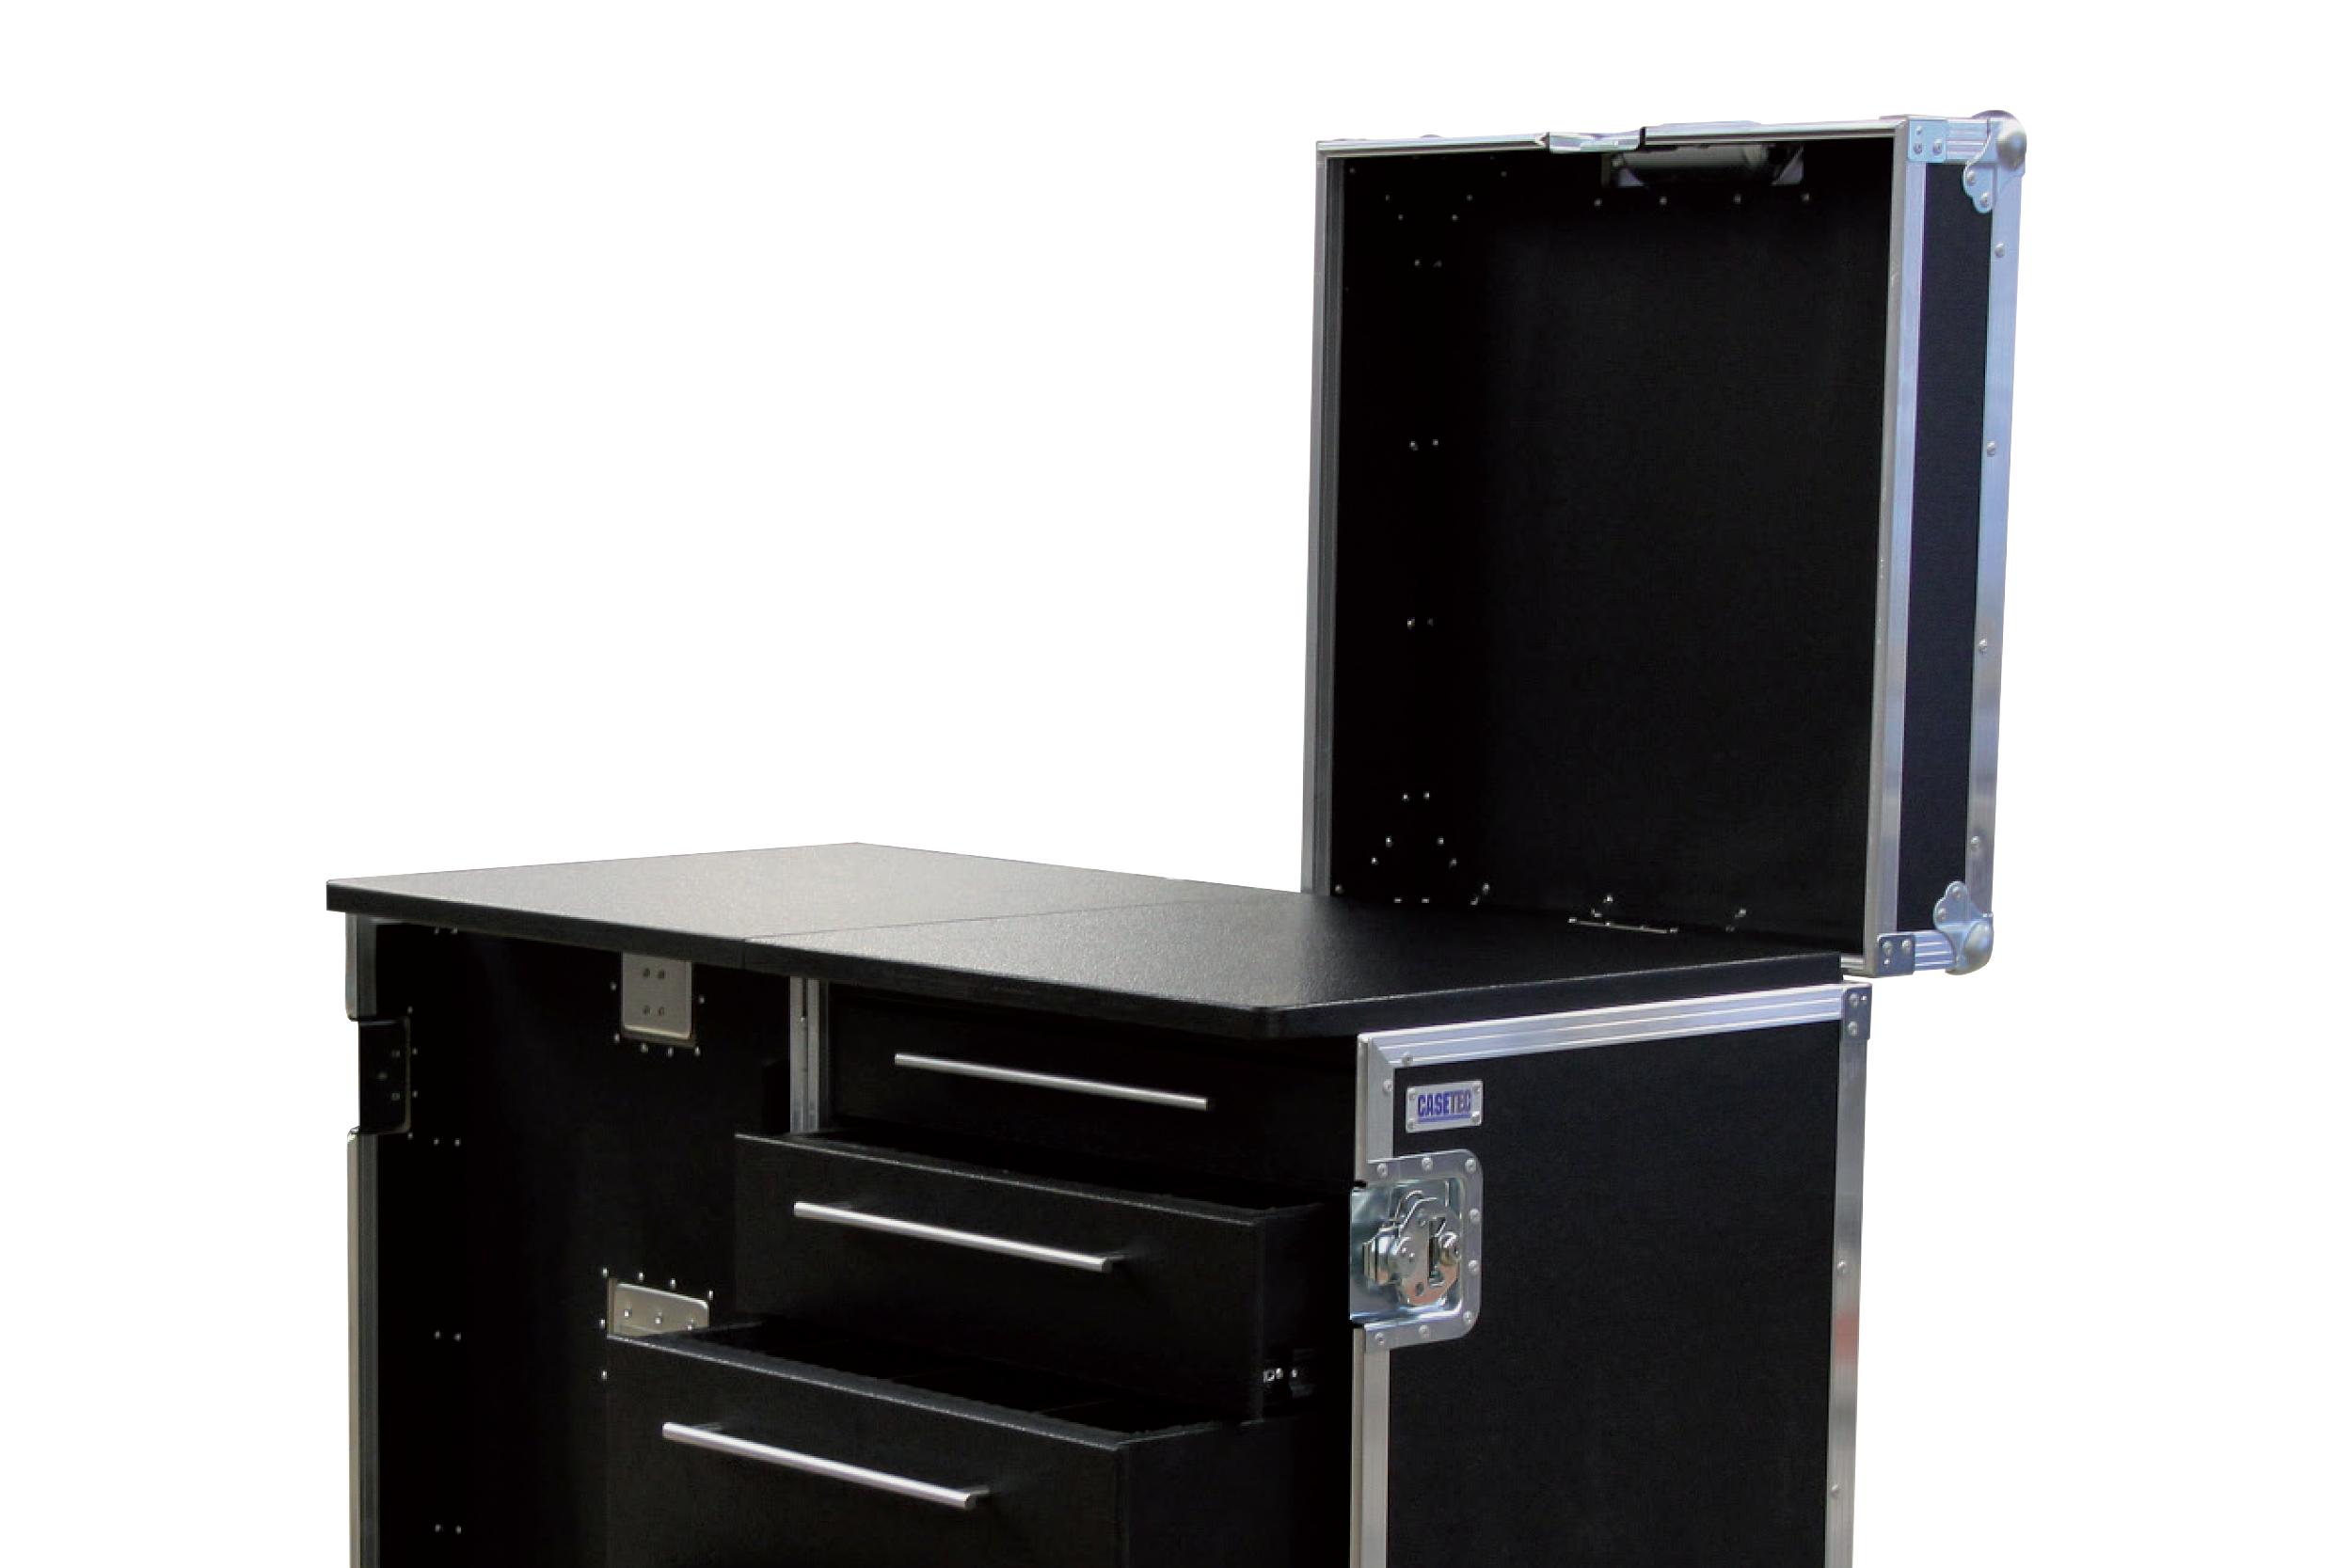 Schubladencase 120er Profi (mit klappbarer Arbeitsfläche) mit 4 Schubladen